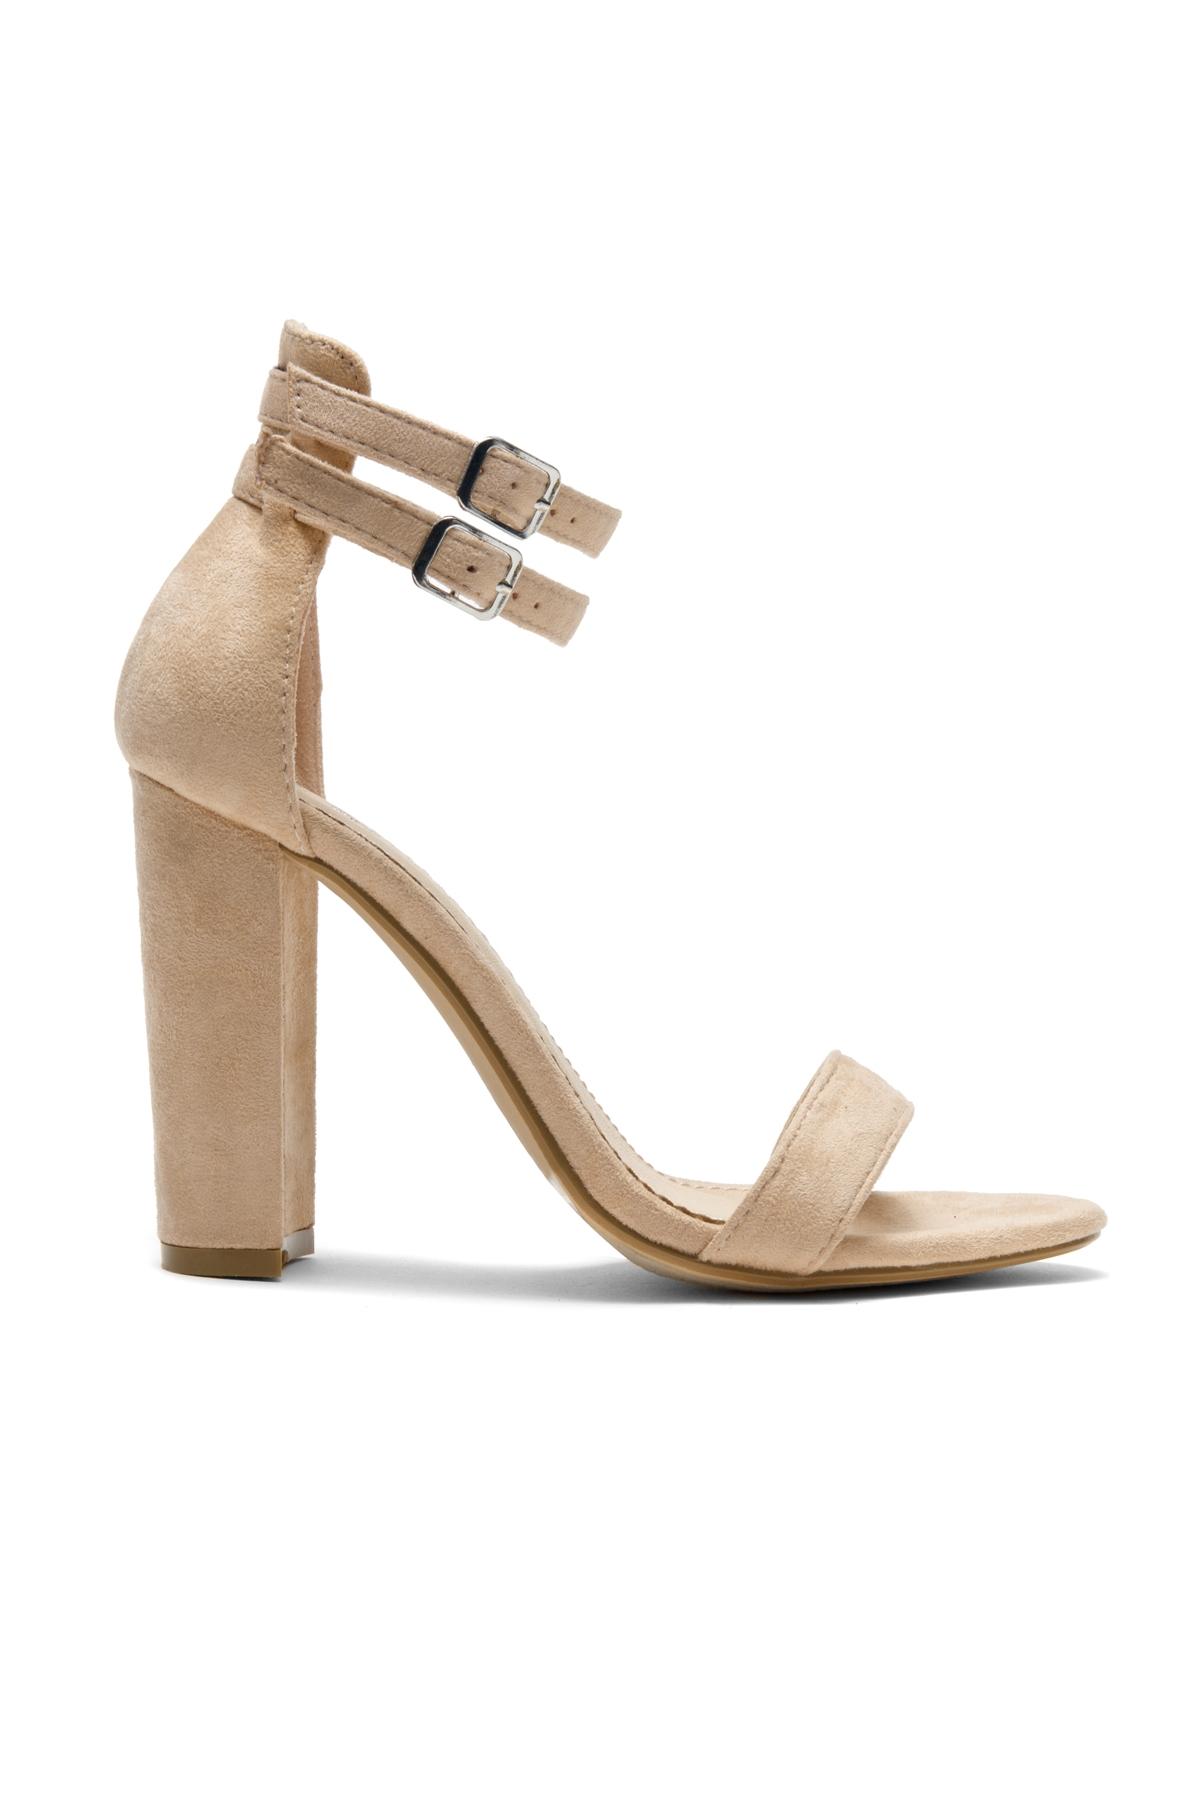 Berttie Open Toe, Ankle Strap, Chunky Heel (Tan)